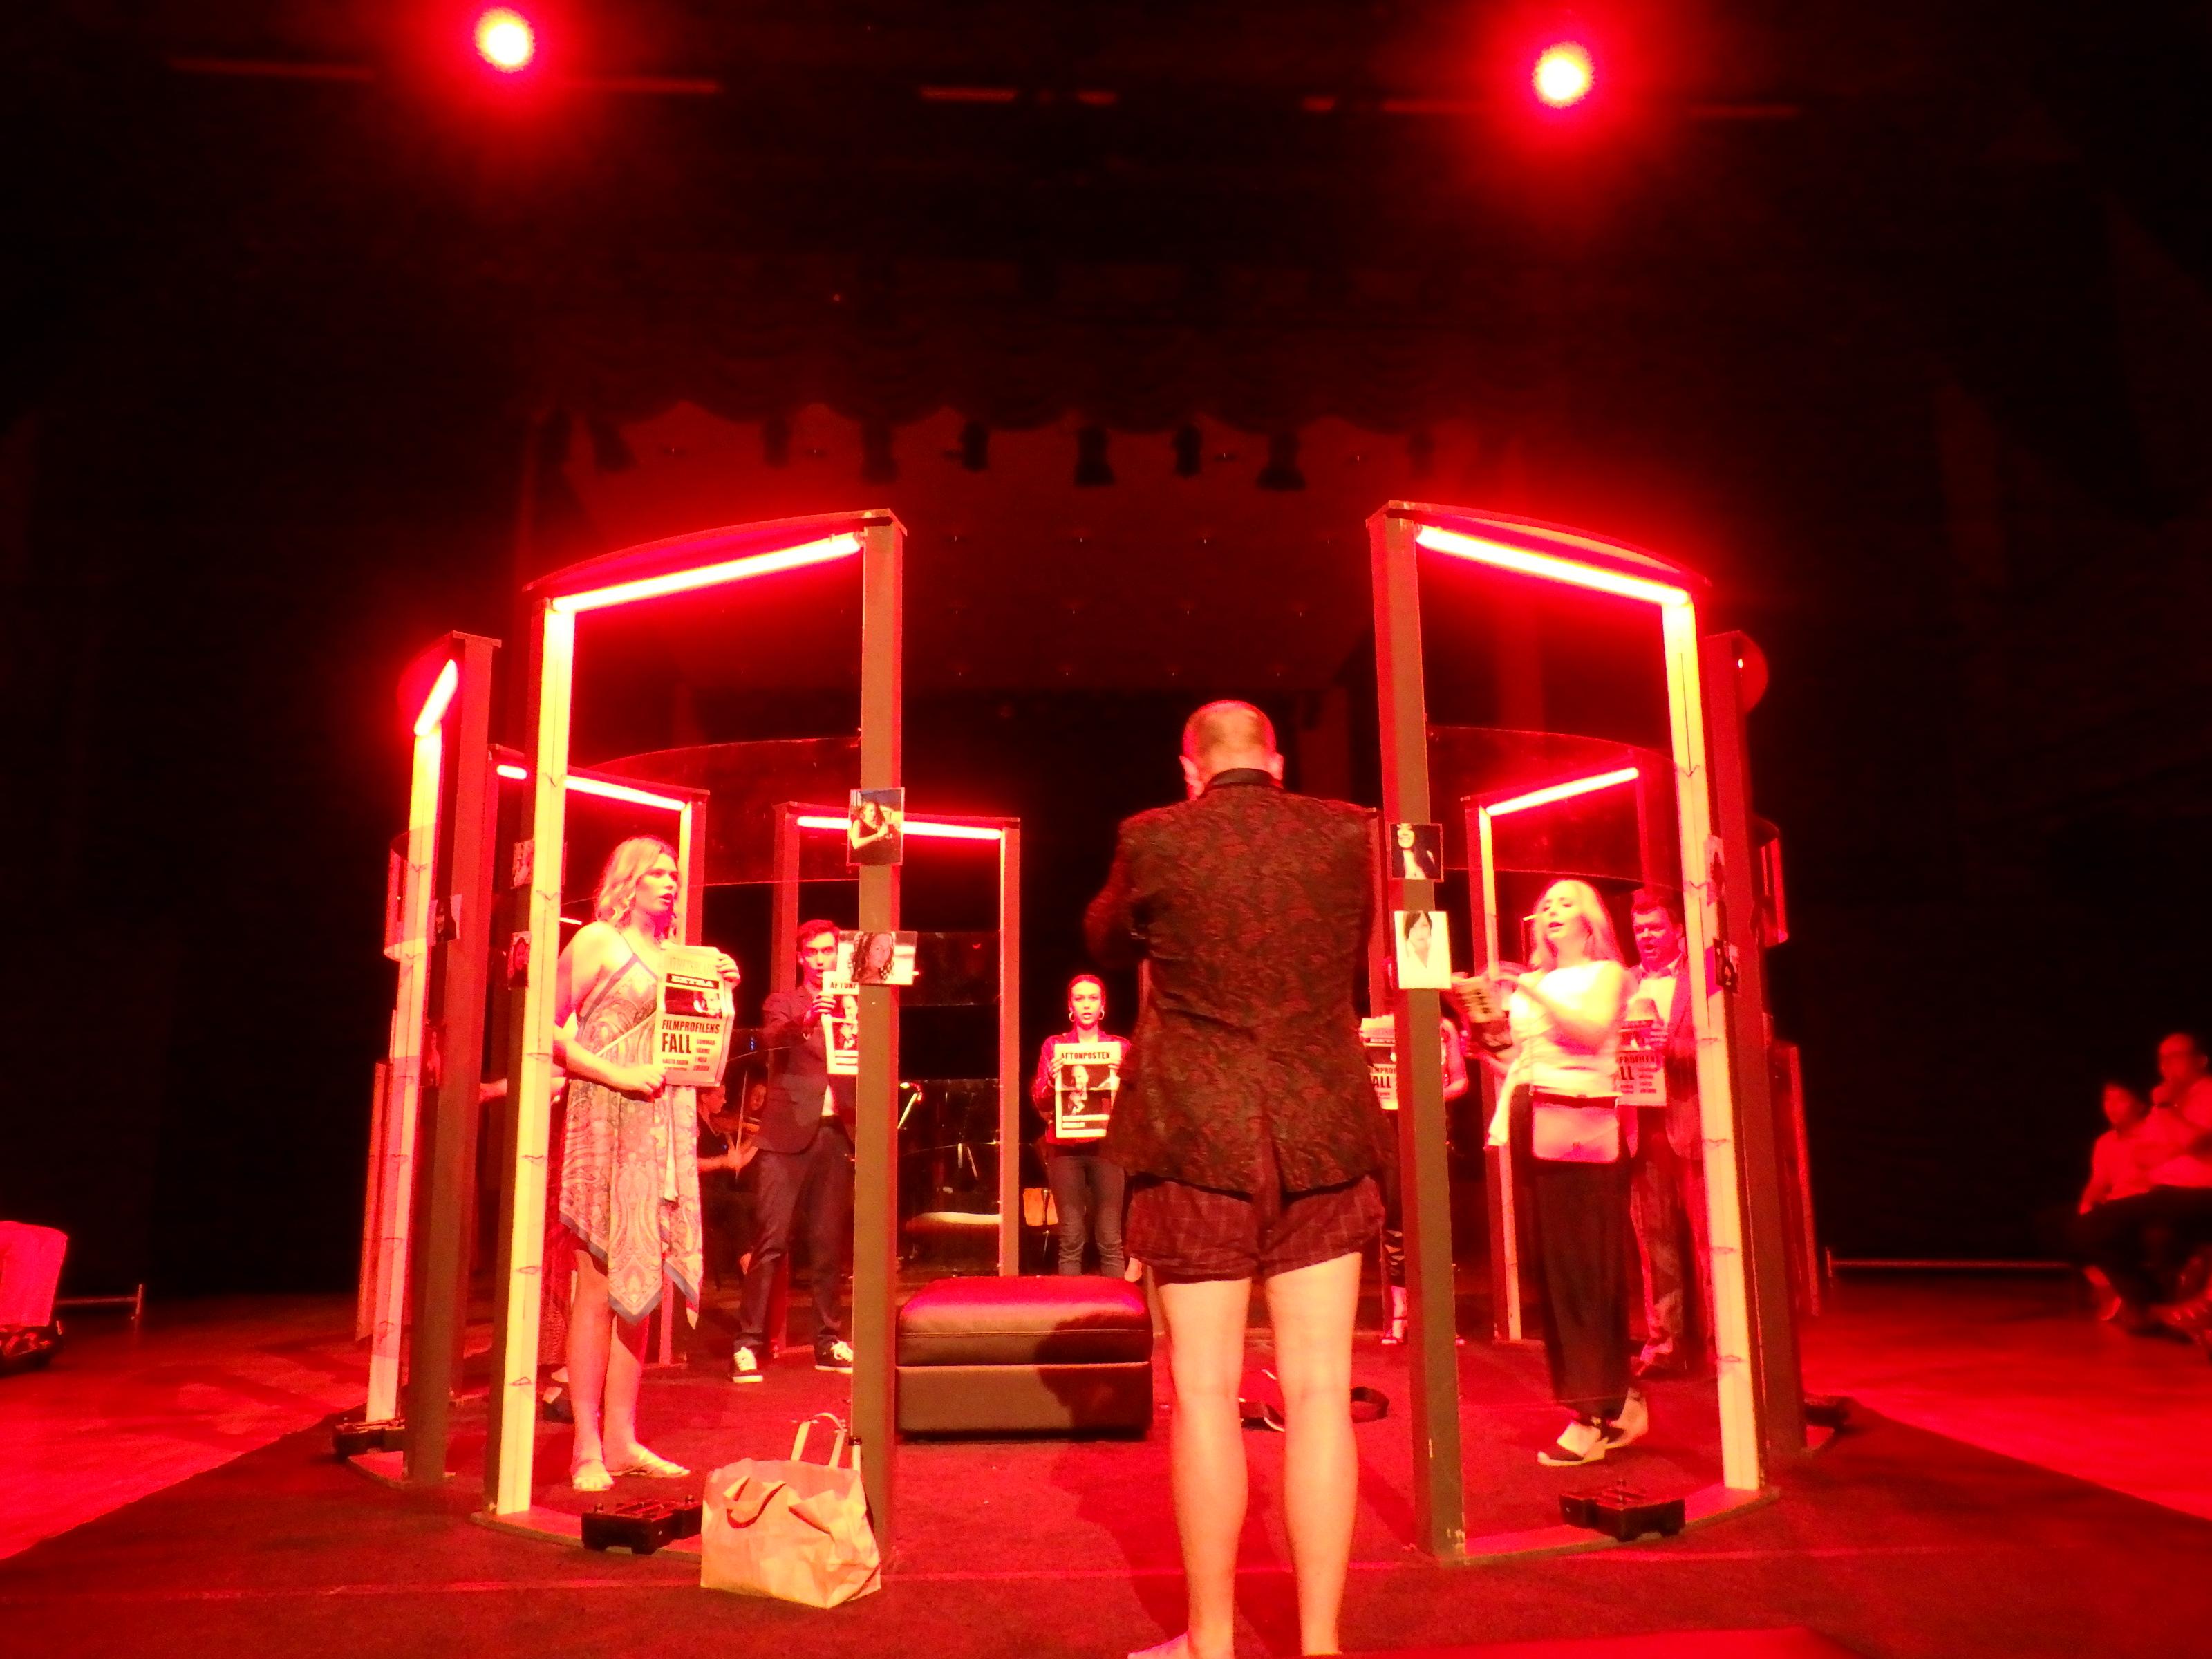 J'accuse ... kvinnorna anklagar Don Giovanni på arga löpsedlar - Foto: Belinda Graham